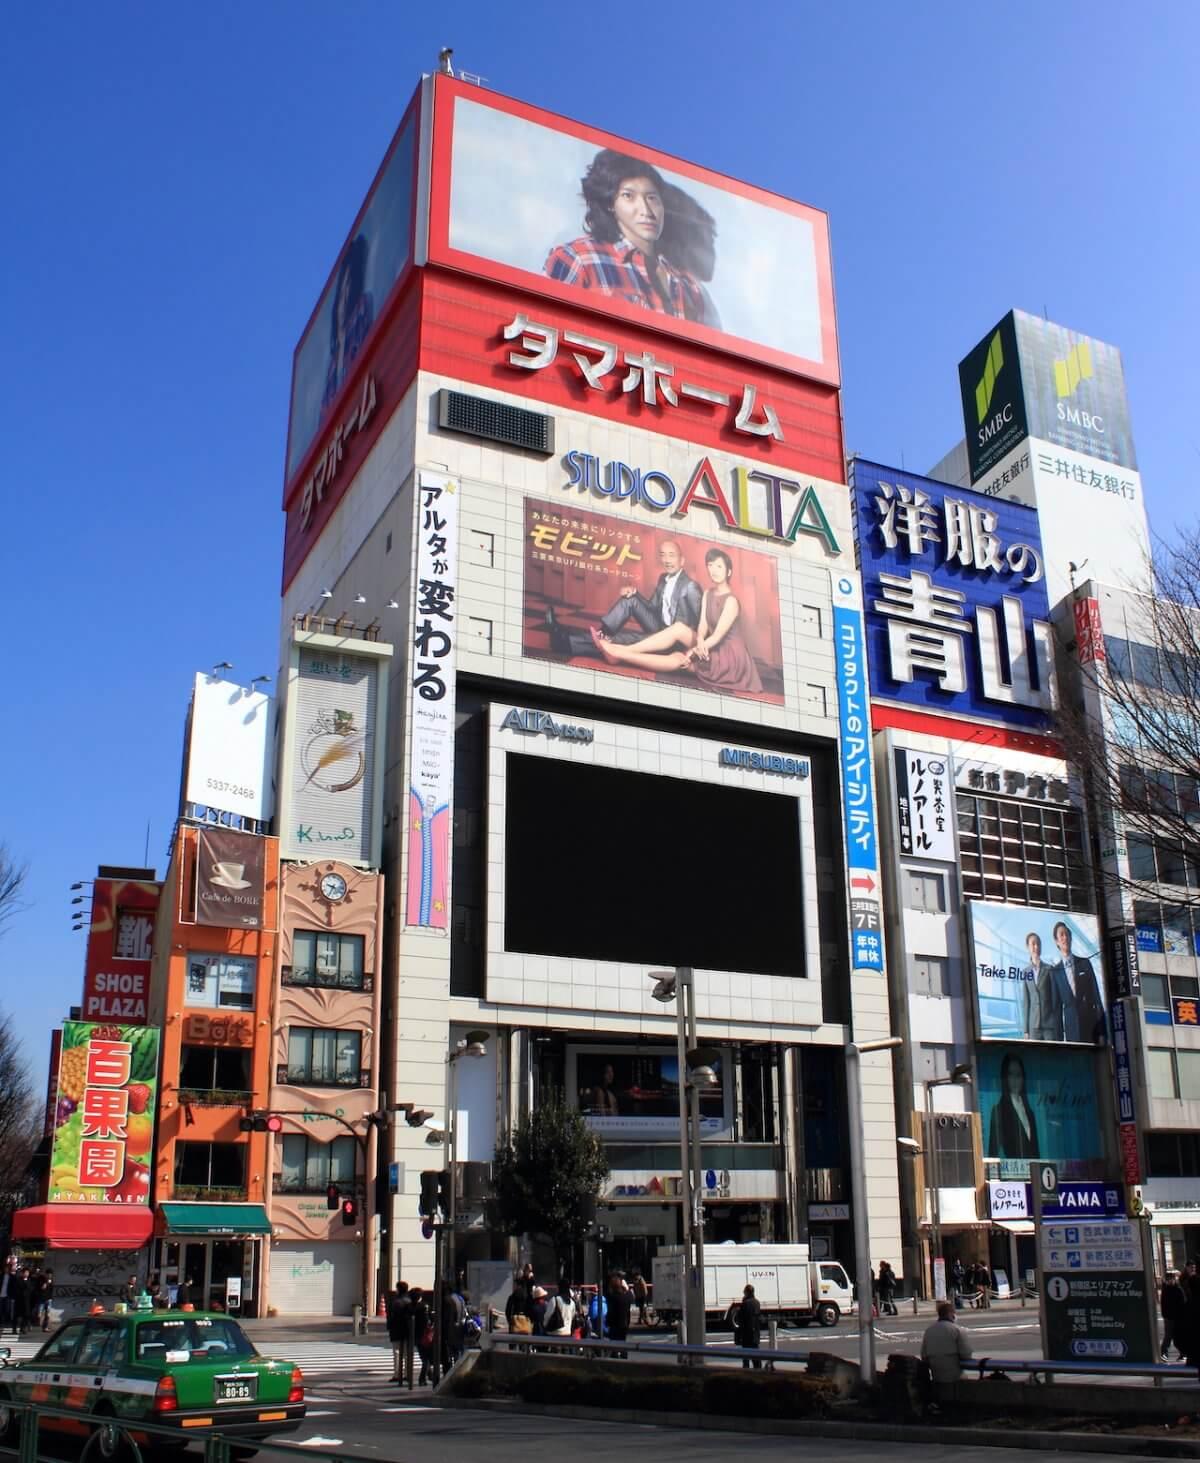 日本最大級「新宿アルタビジョン」の特徴は?LEDビジョンの広告利用のメリットを解説